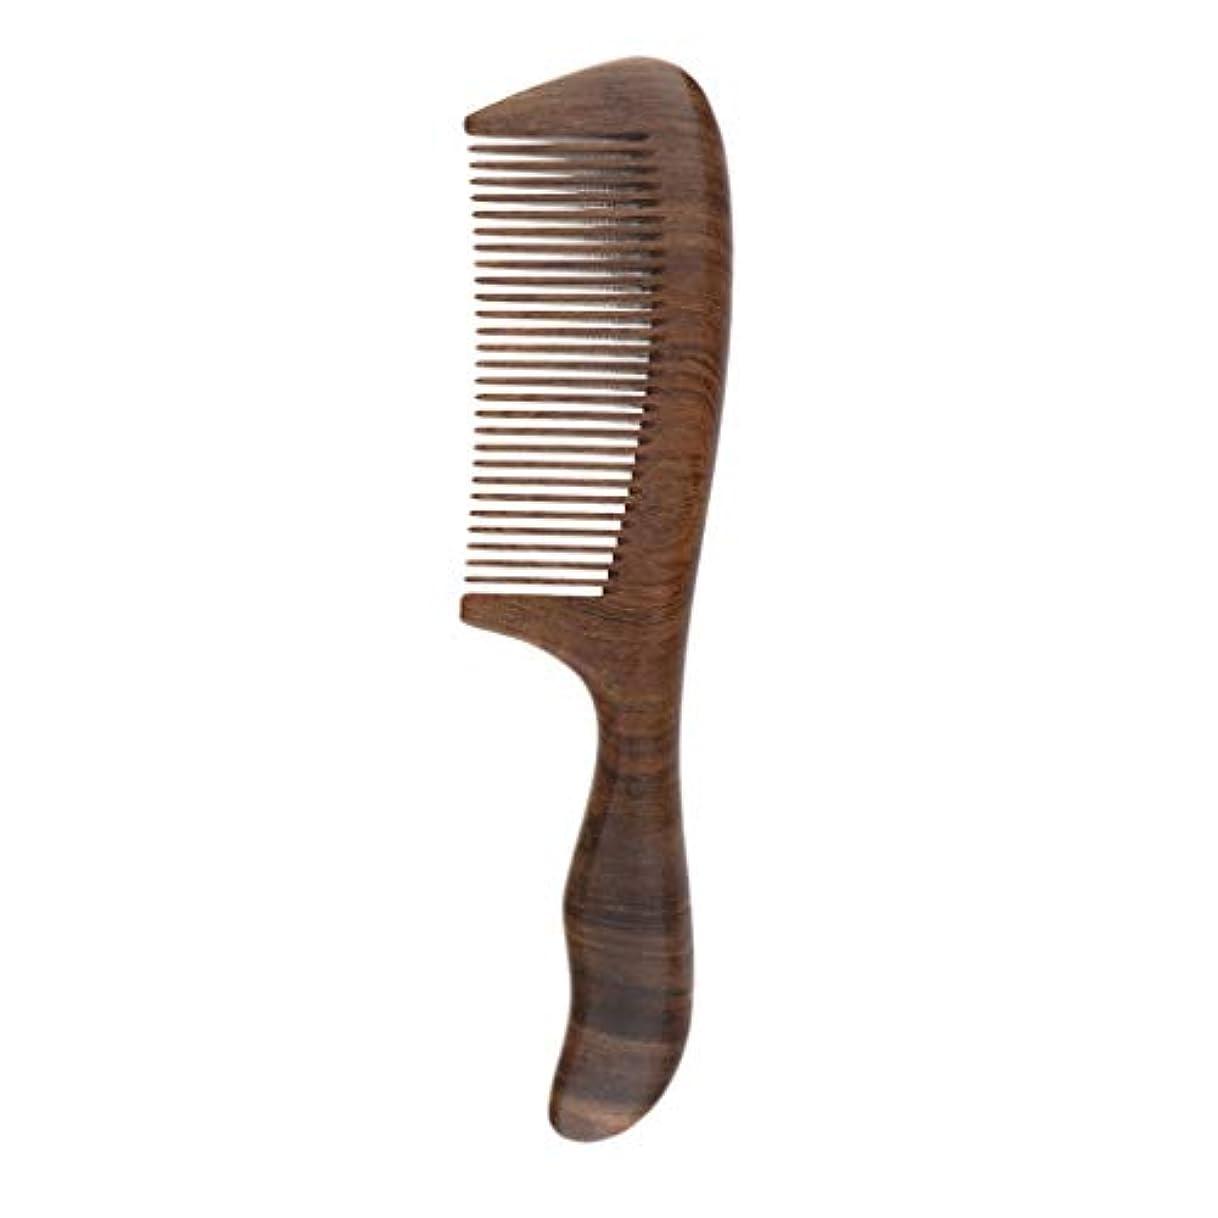 お世話になった絶滅させる減るくし コーム 木製 マッサージ 美髪ケア パドルブラシ 頭皮に優しい メンズ レディースに適用